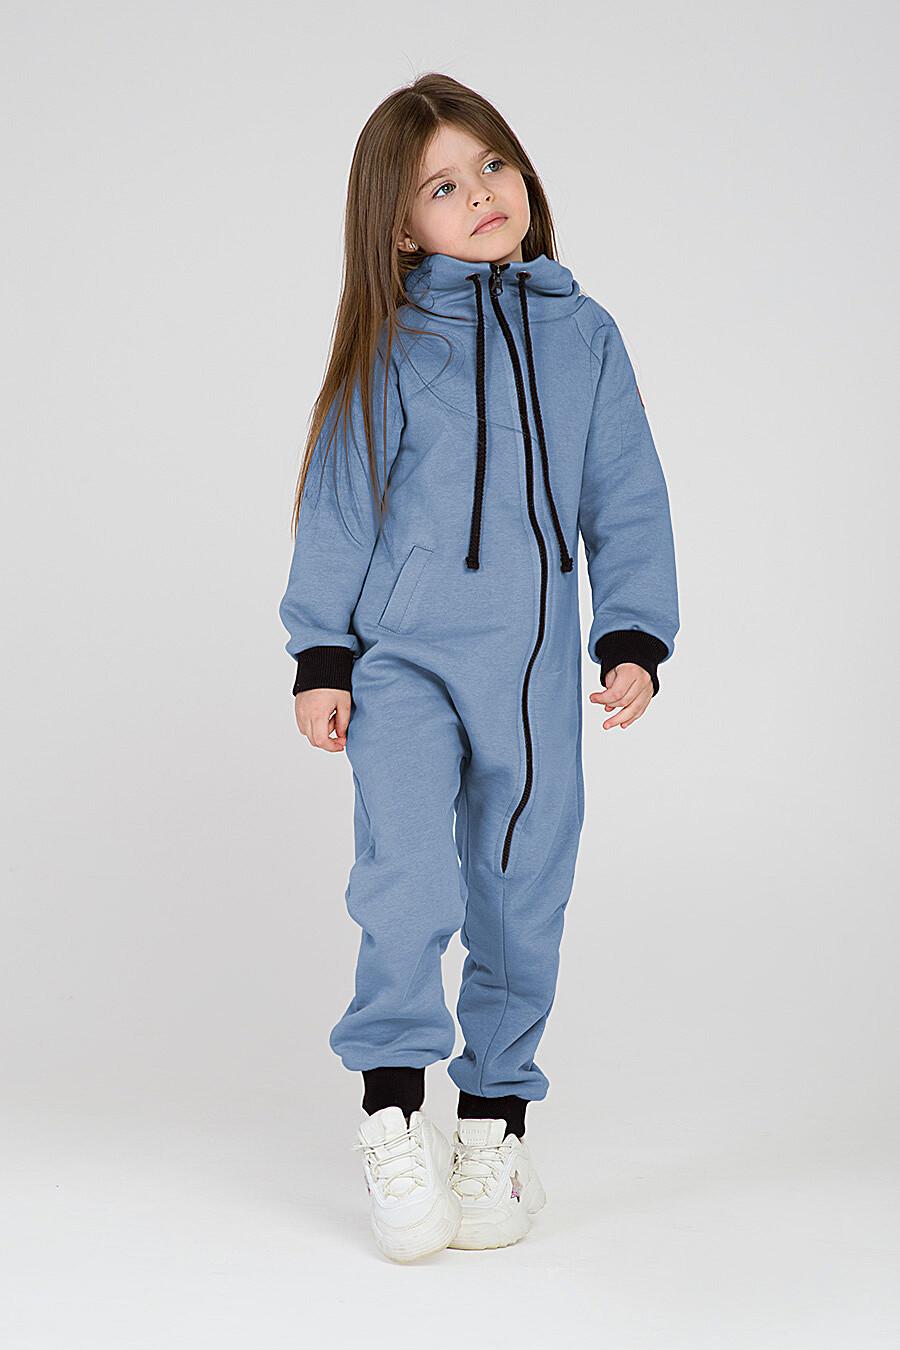 Комбинезон для девочек EZANNA 649183 купить оптом от производителя. Совместная покупка детской одежды в OptMoyo